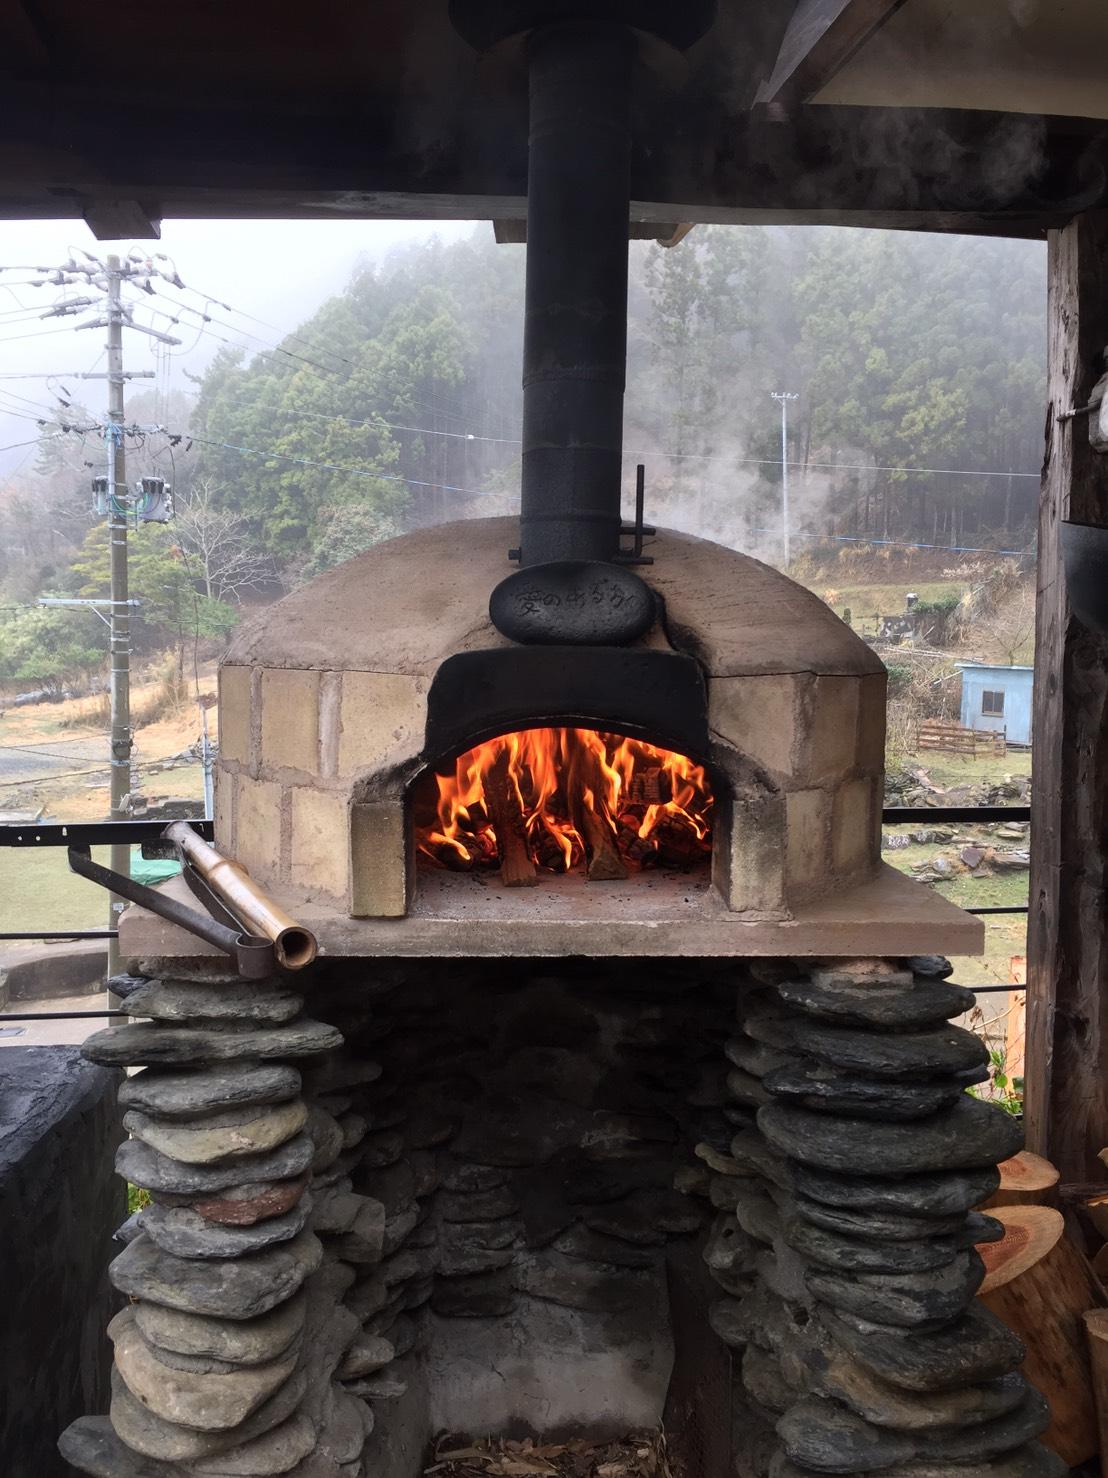 しっかりと窯を温めて、お客さまがいらっしゃるまでに準備!